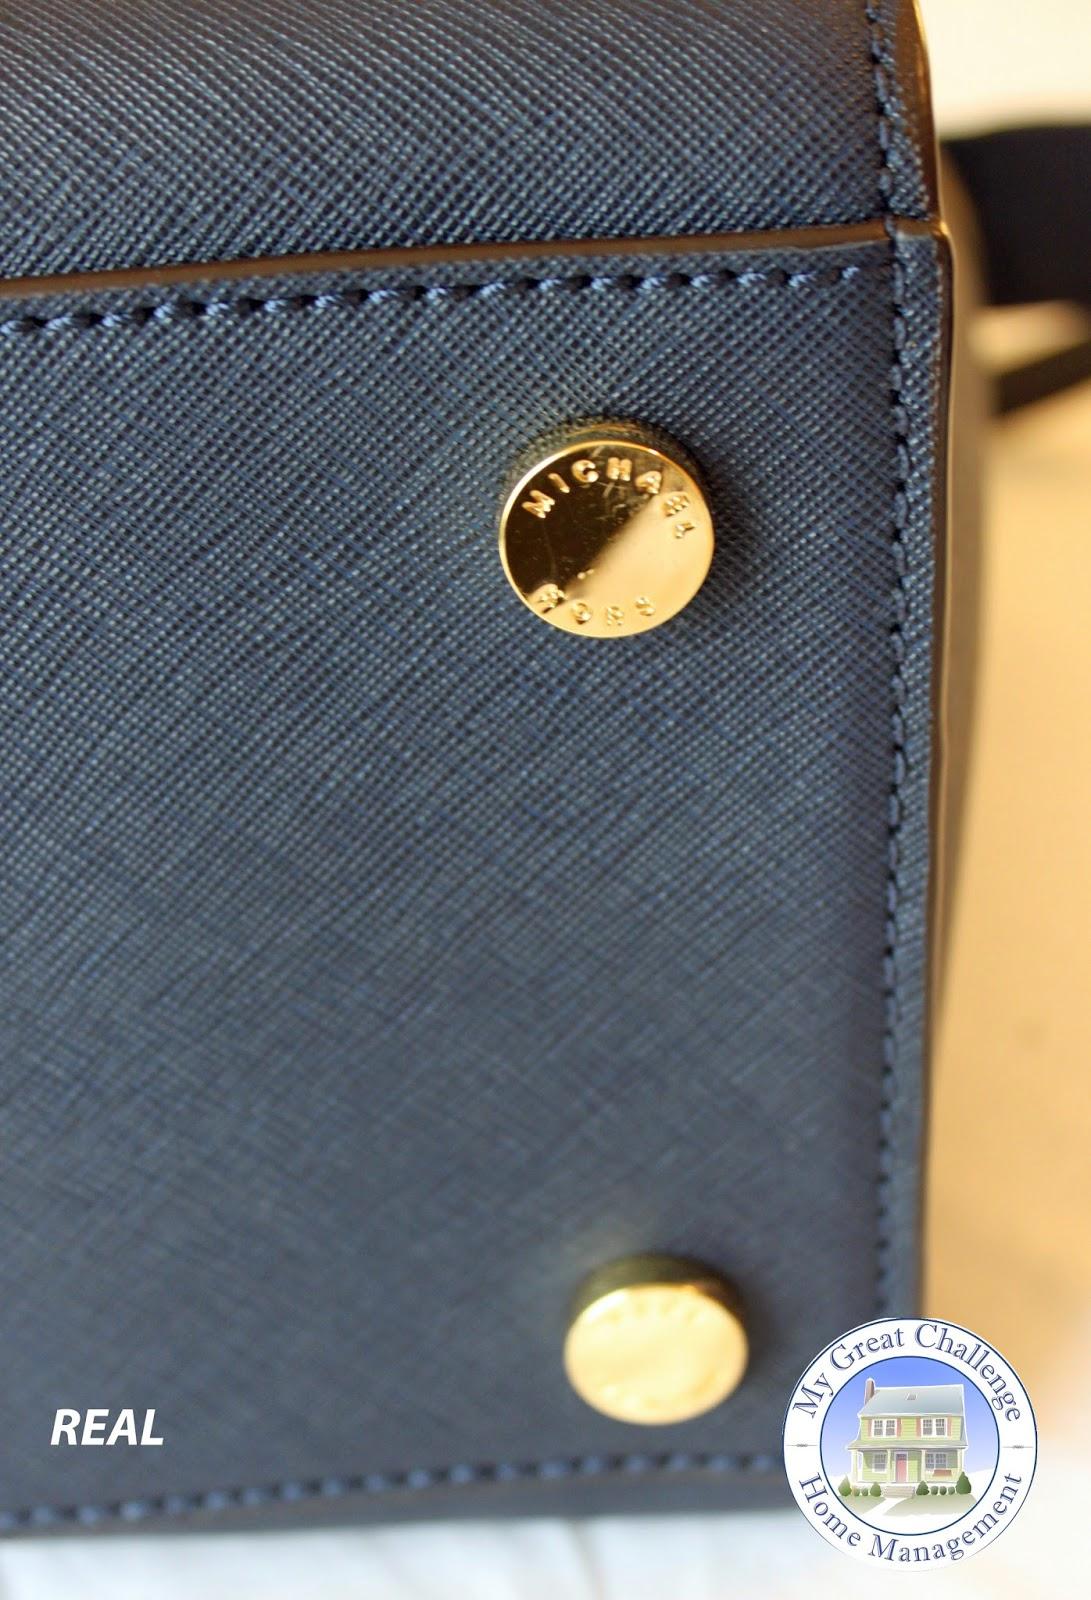 07ae074fc4 J'ai oublié de prendre en photo le faux sac… Oops! Le vrai sac dispose  d'une gravure de la marque Mickael Kors comme vous pouvez le voir, alors  que le faux ...